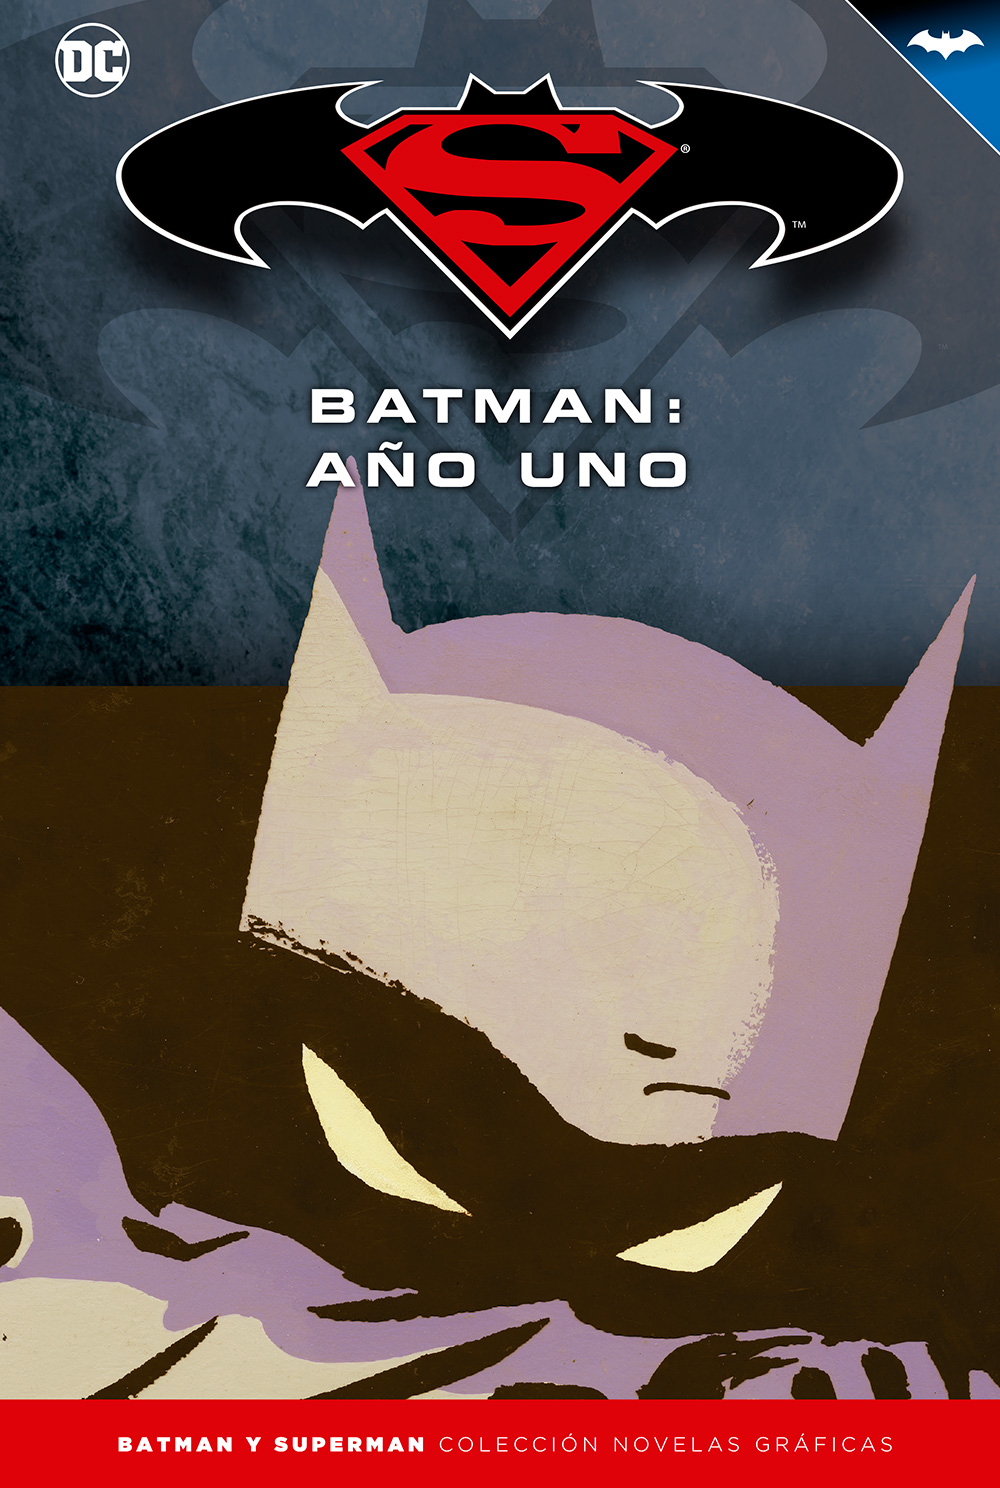 [DC - Salvat] Batman y Superman: Colección Novelas Gráficas - Página 6 Portada_BMSM_13_Batman_An%CC%83o_uno_ALTA